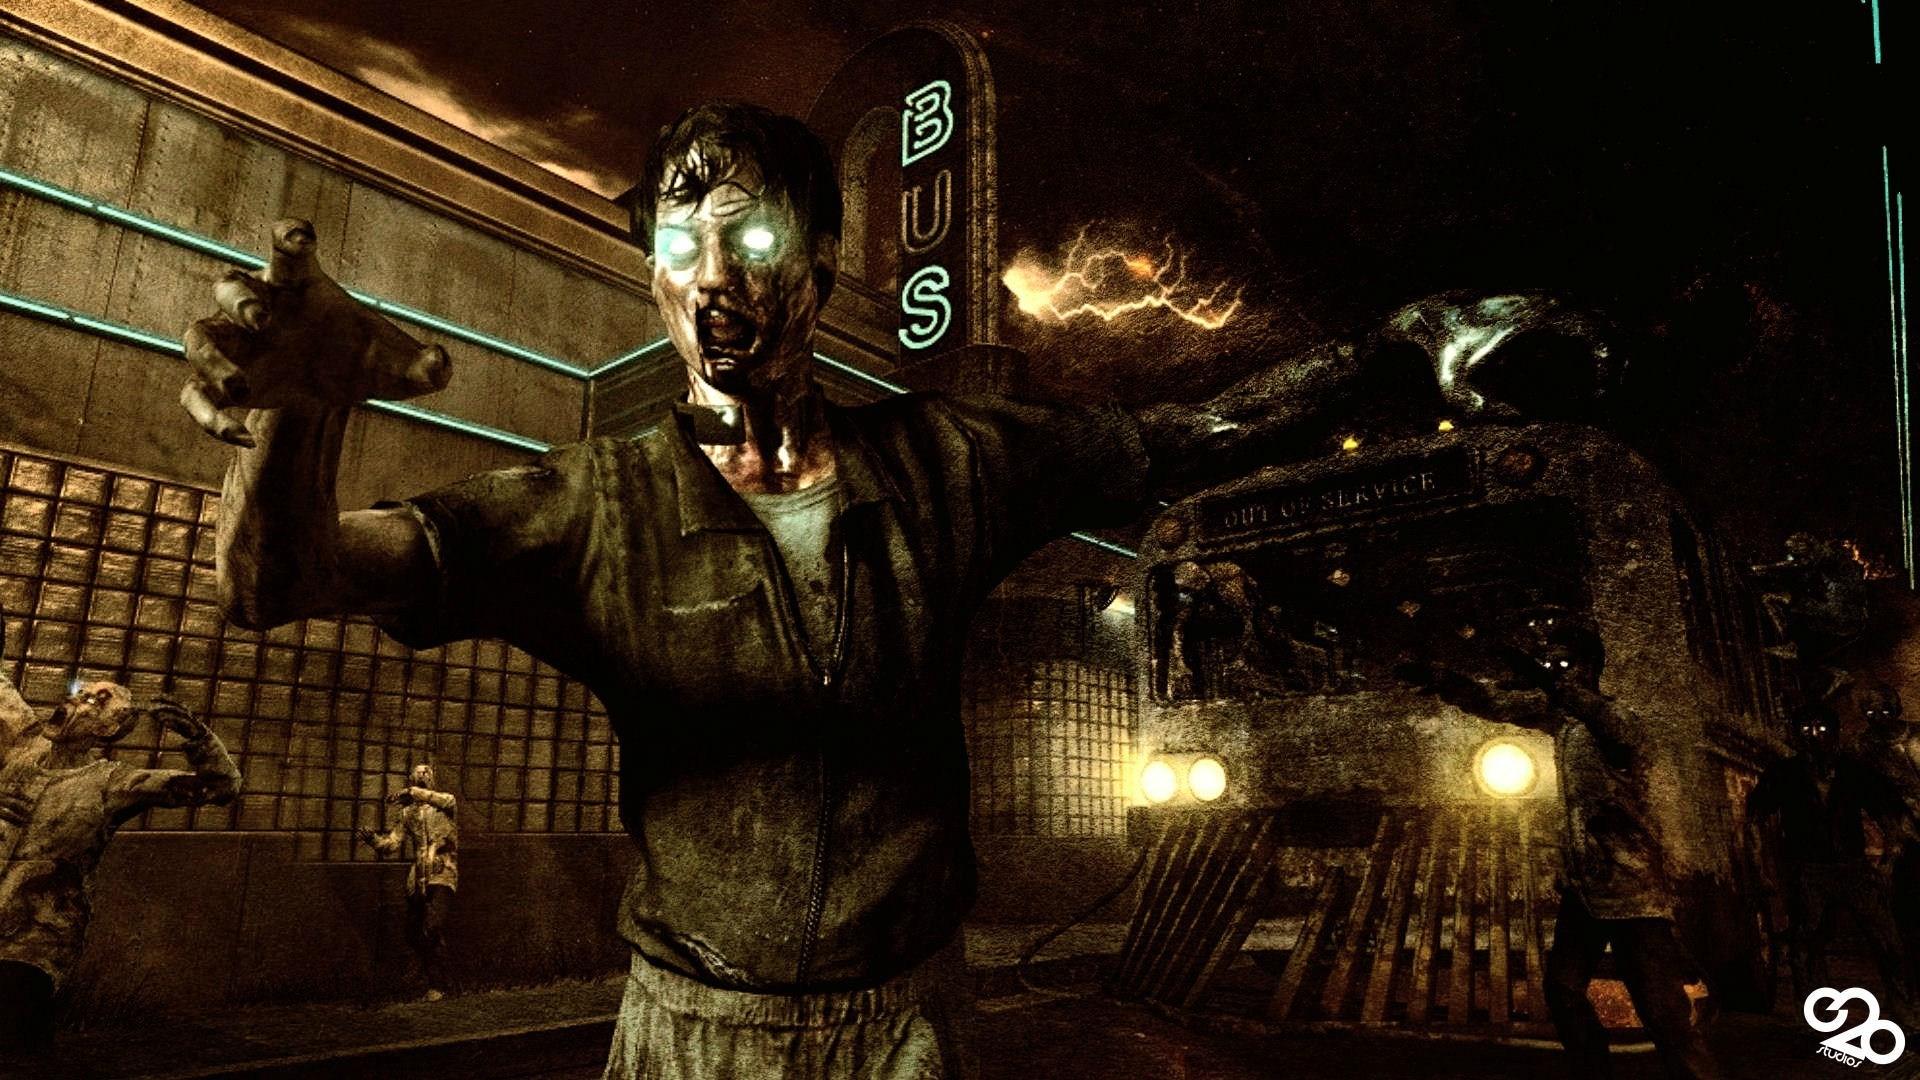 Black Ops 2 Zombies Wallpaper Wallpapersafari